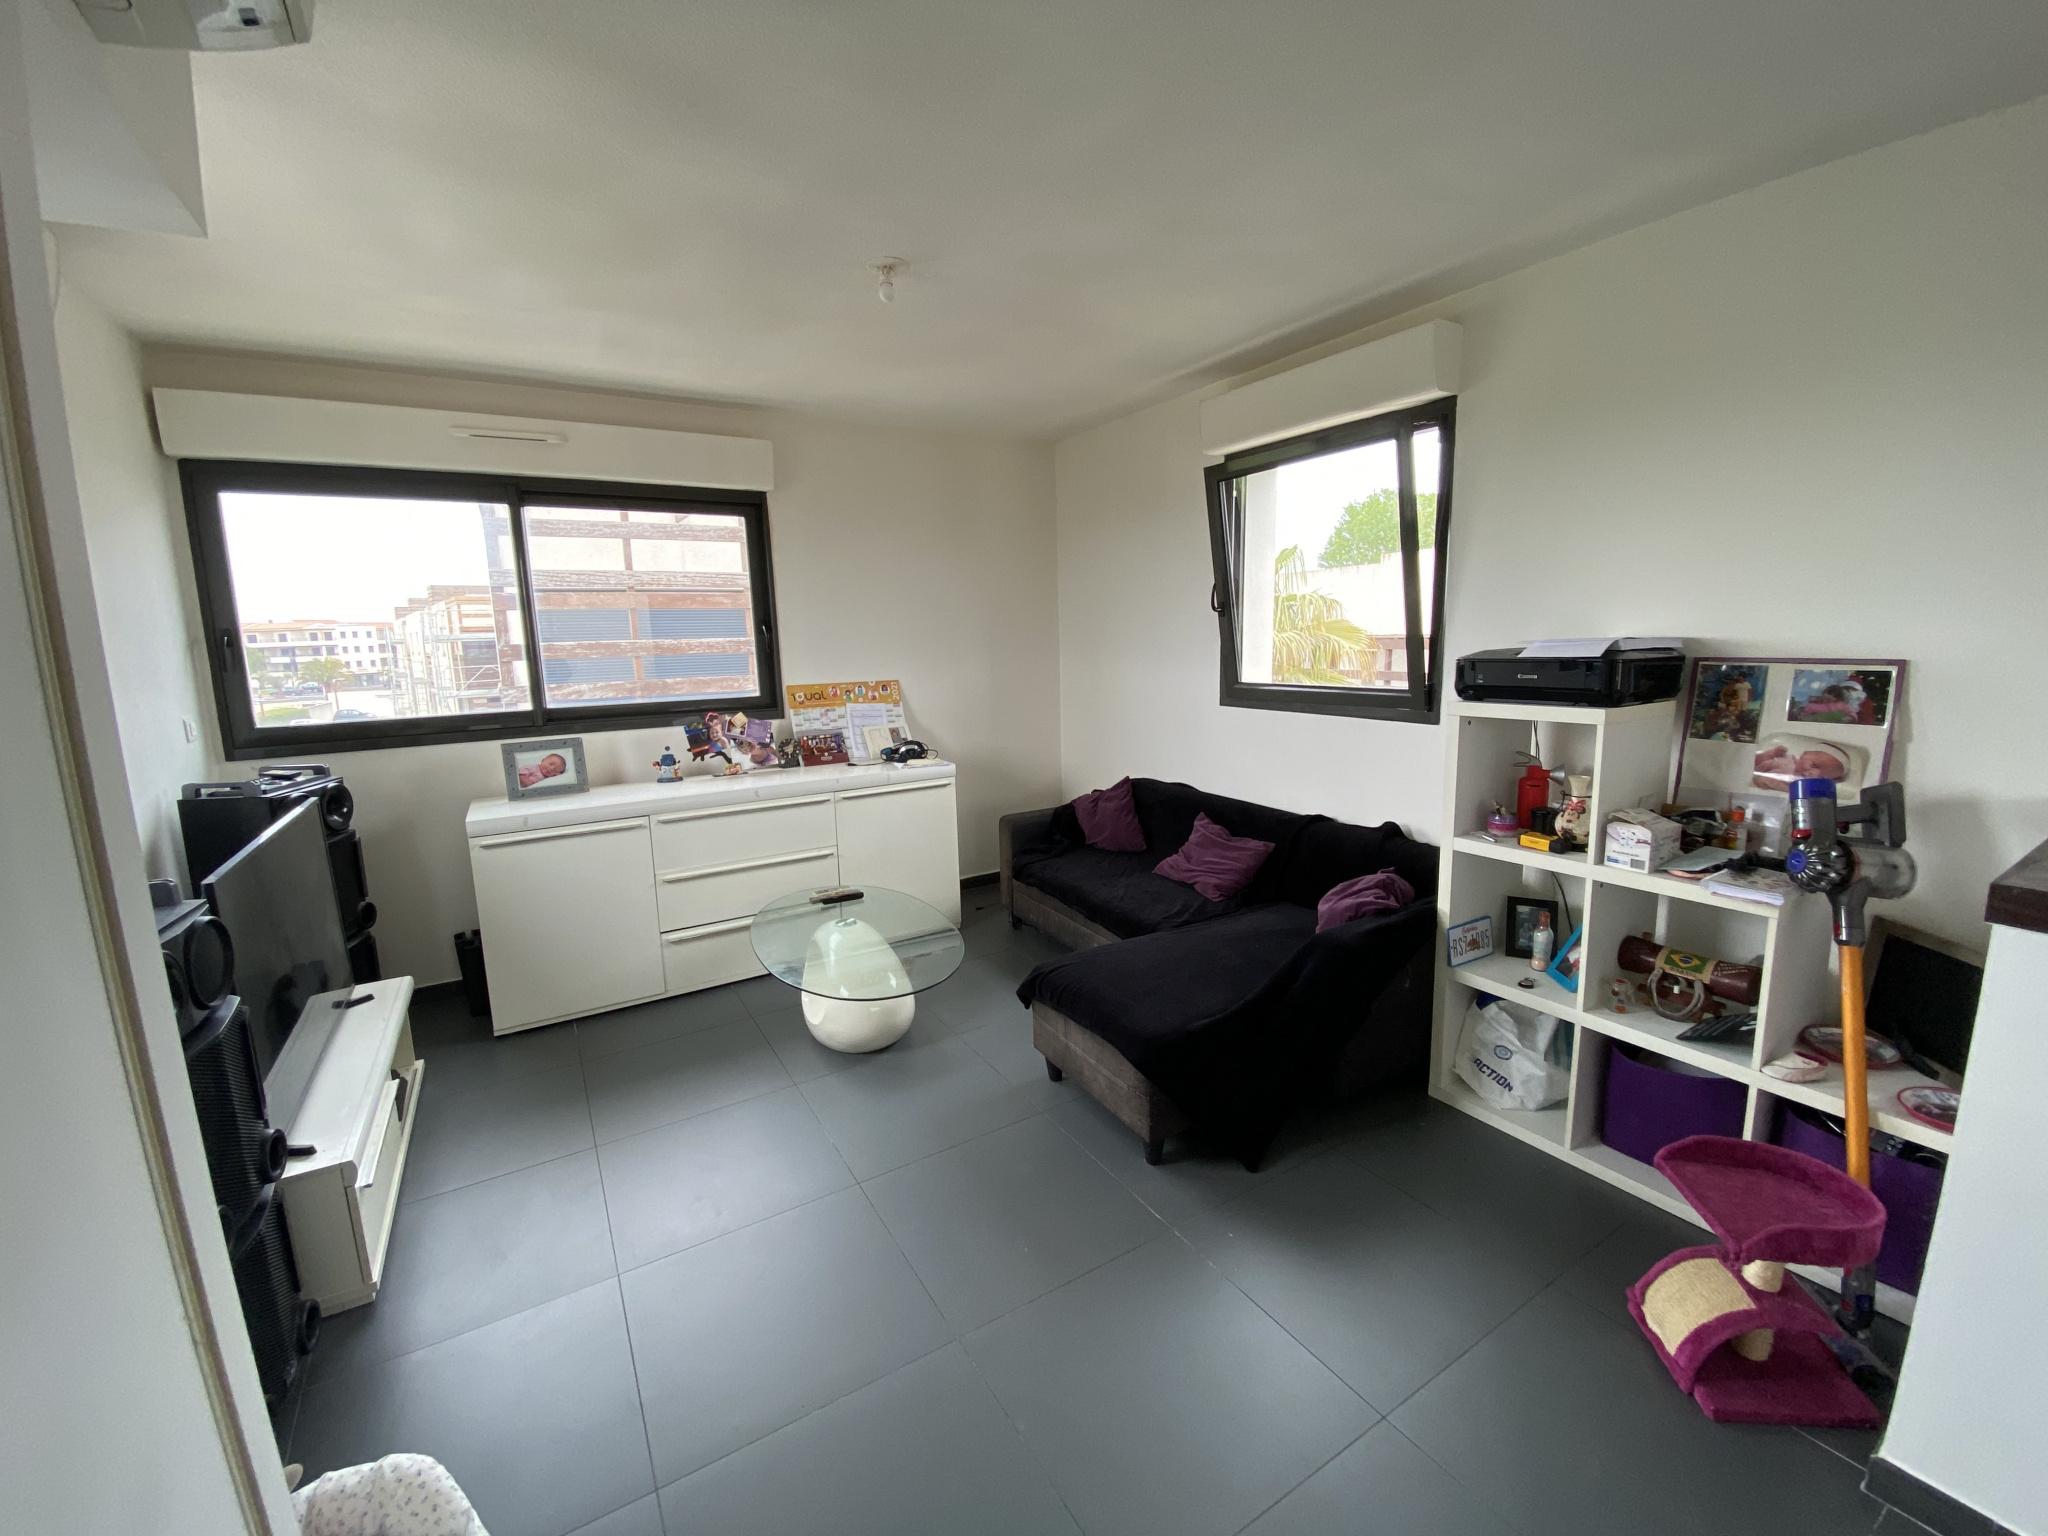 À vendre maison/villa de 50.7m2 à st cyprien plage (66750) - Photo 1'